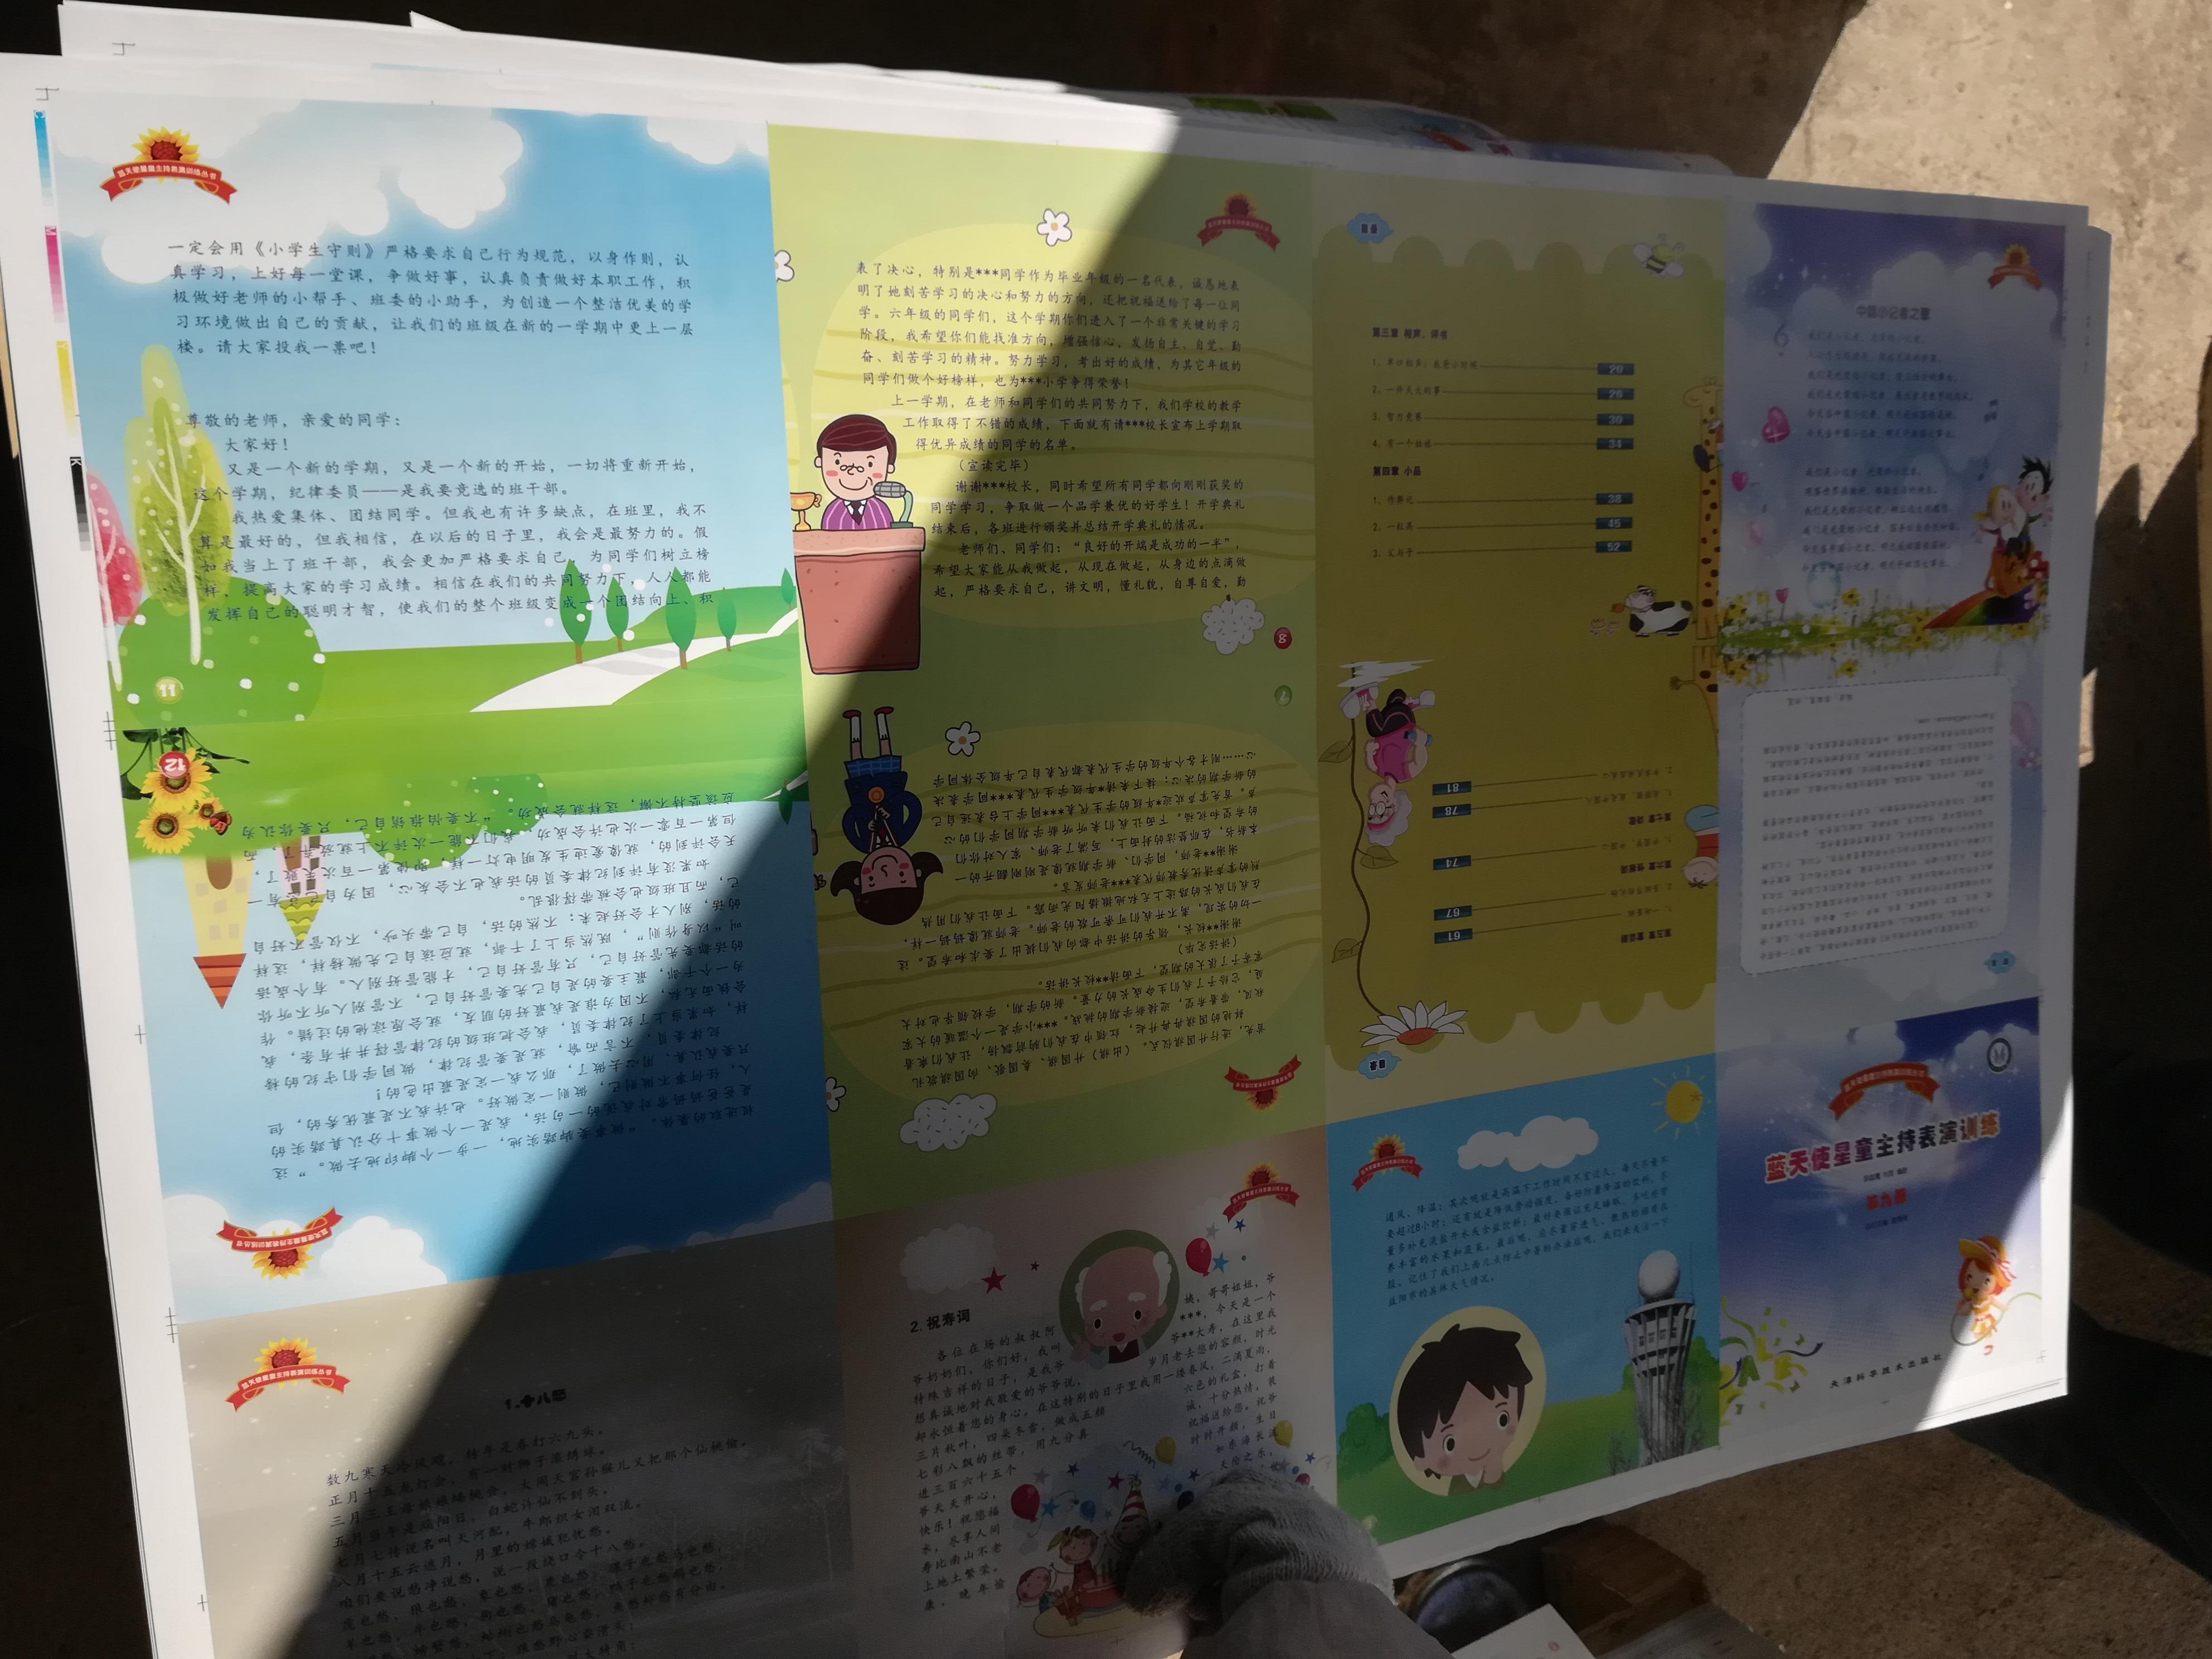 湖南印刷厂 日大彩务急印精装儿童书缓解学校燃眉之急